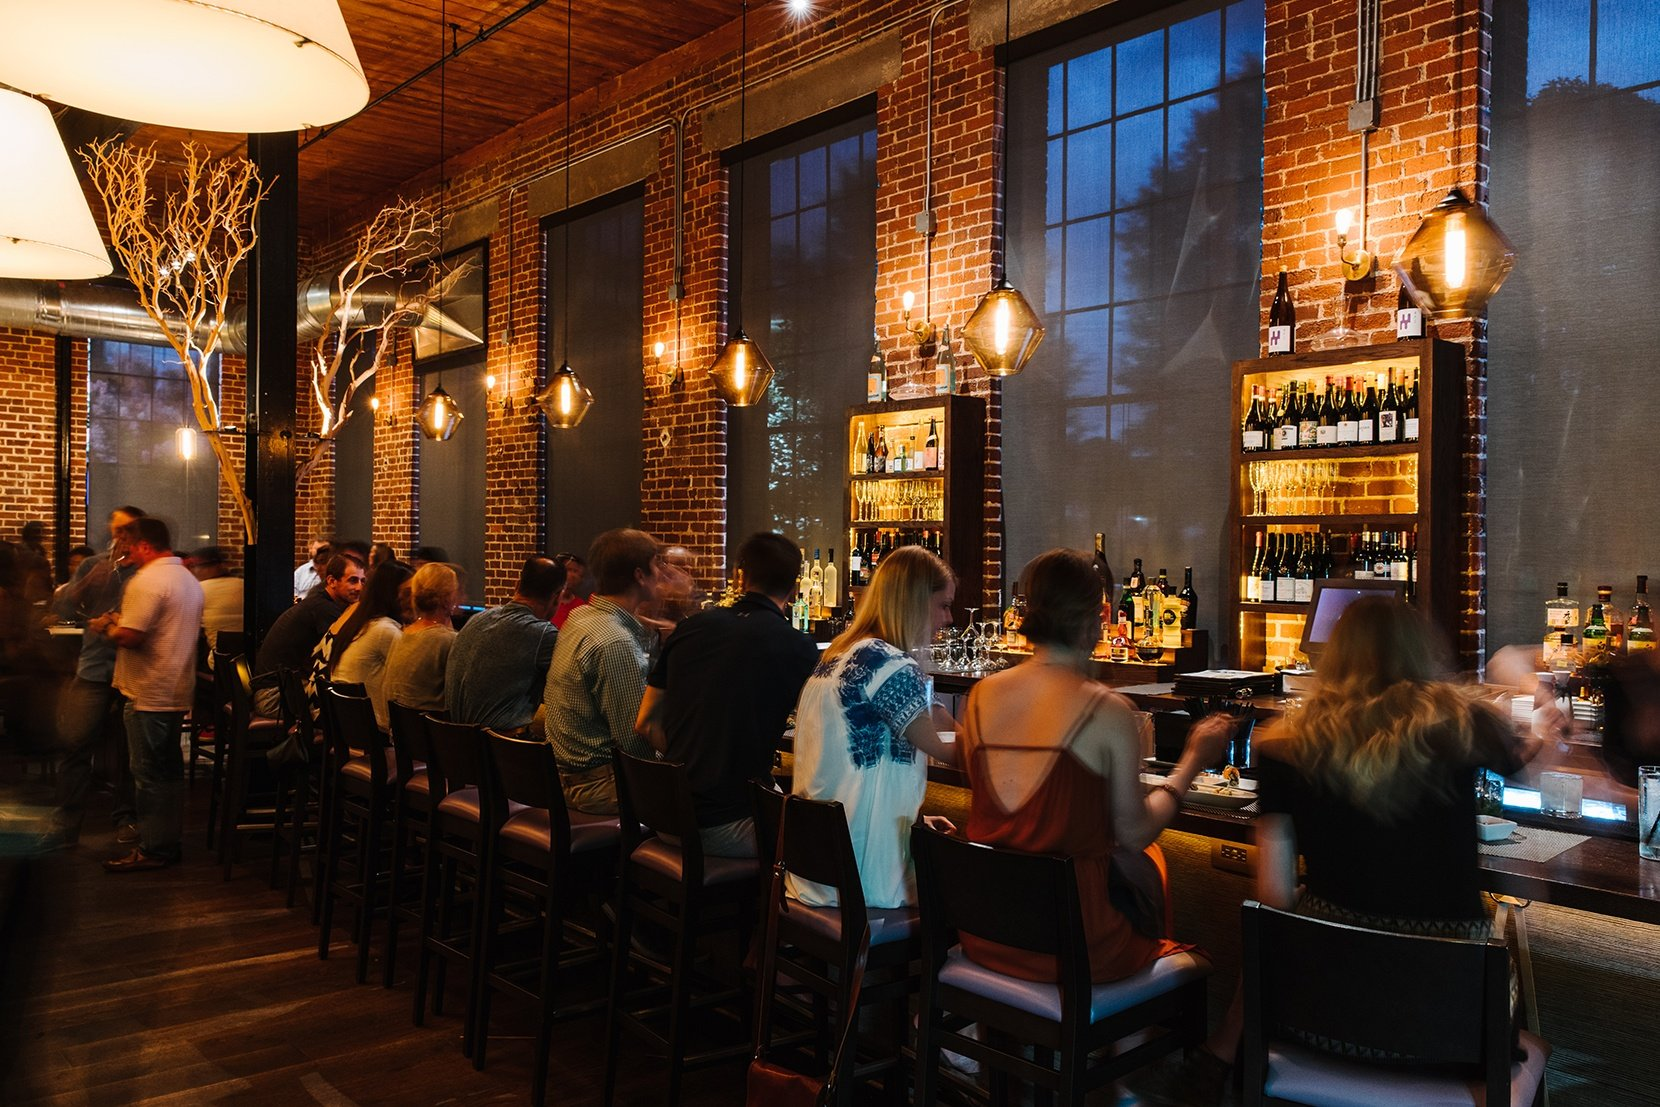 Modern Glass Restaurant Lighting - Trove Pendant Lights